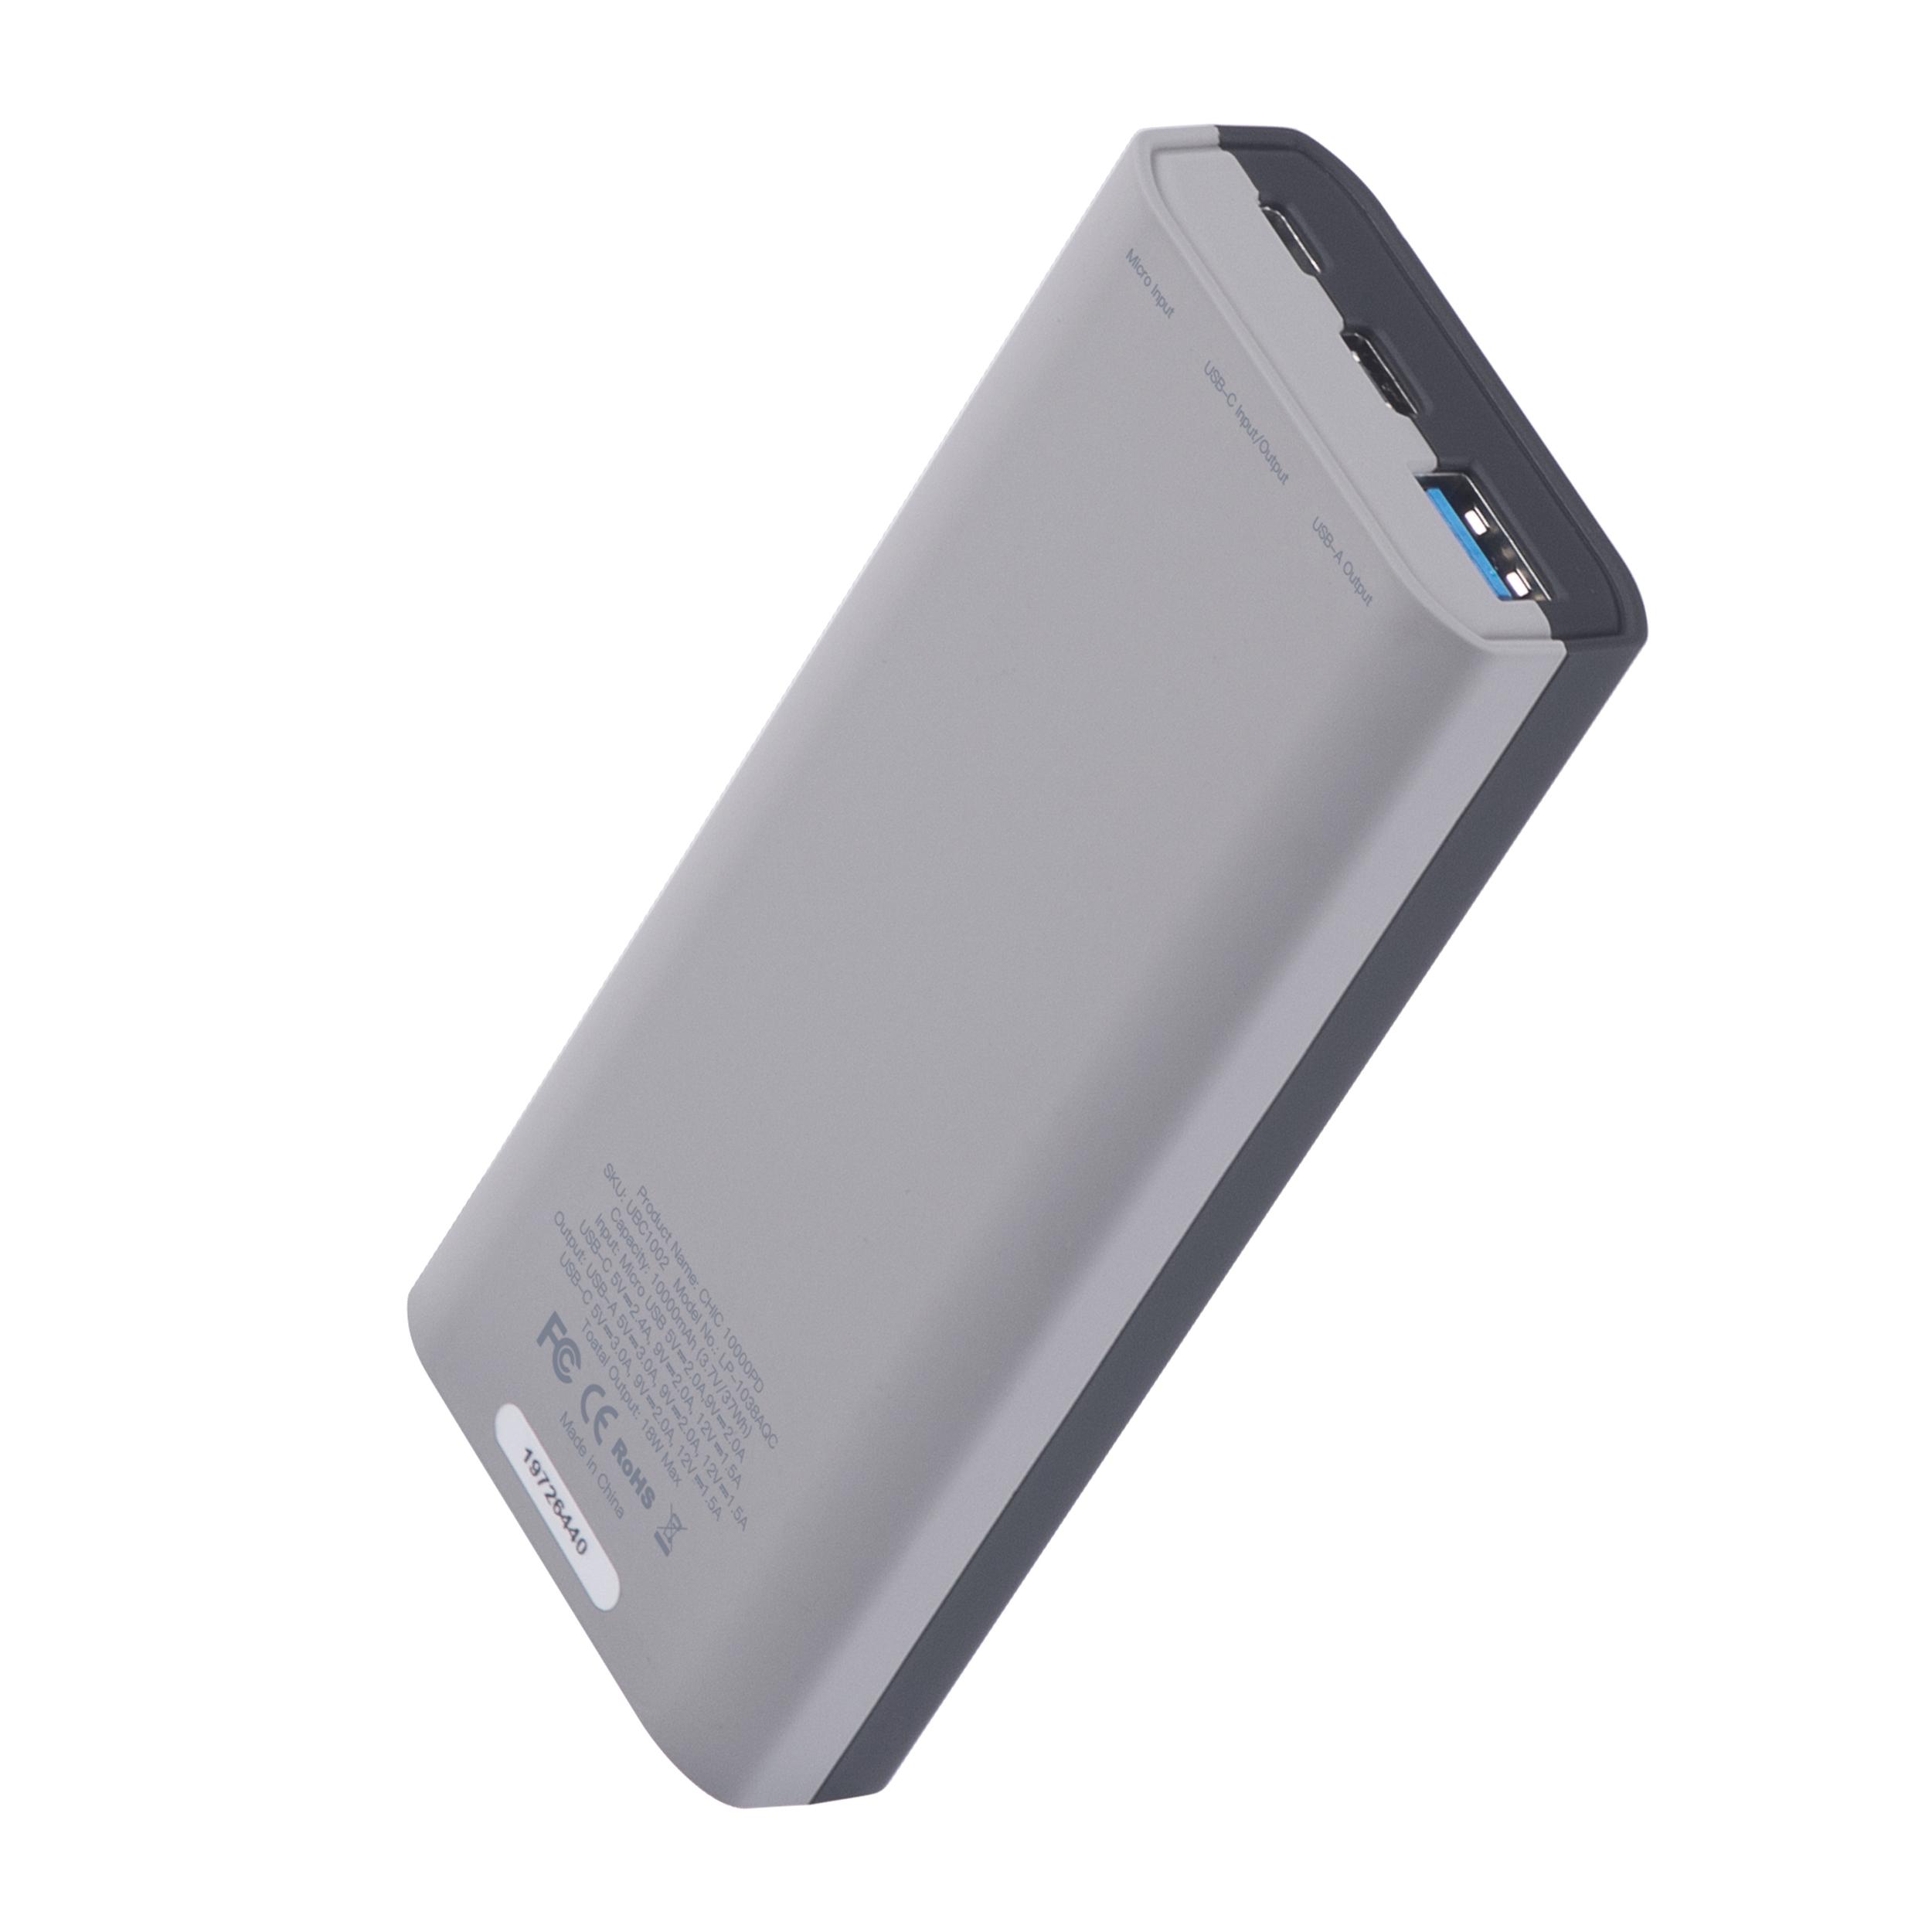 شارژر همراه آی واک مدل CHIC 10000PD UBC1002 ظرفیت 10000 میلی آمپر ساعت main 1 8